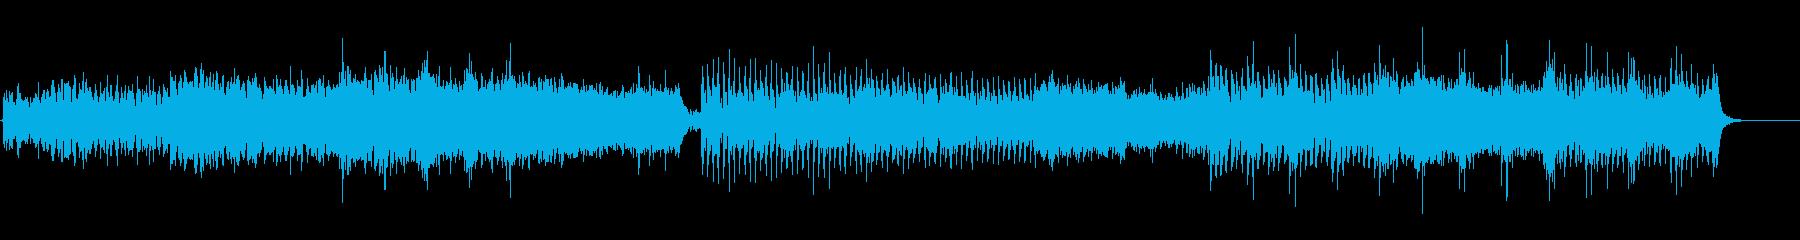 太鼓とシンセのアジアンなEDMエピック風の再生済みの波形